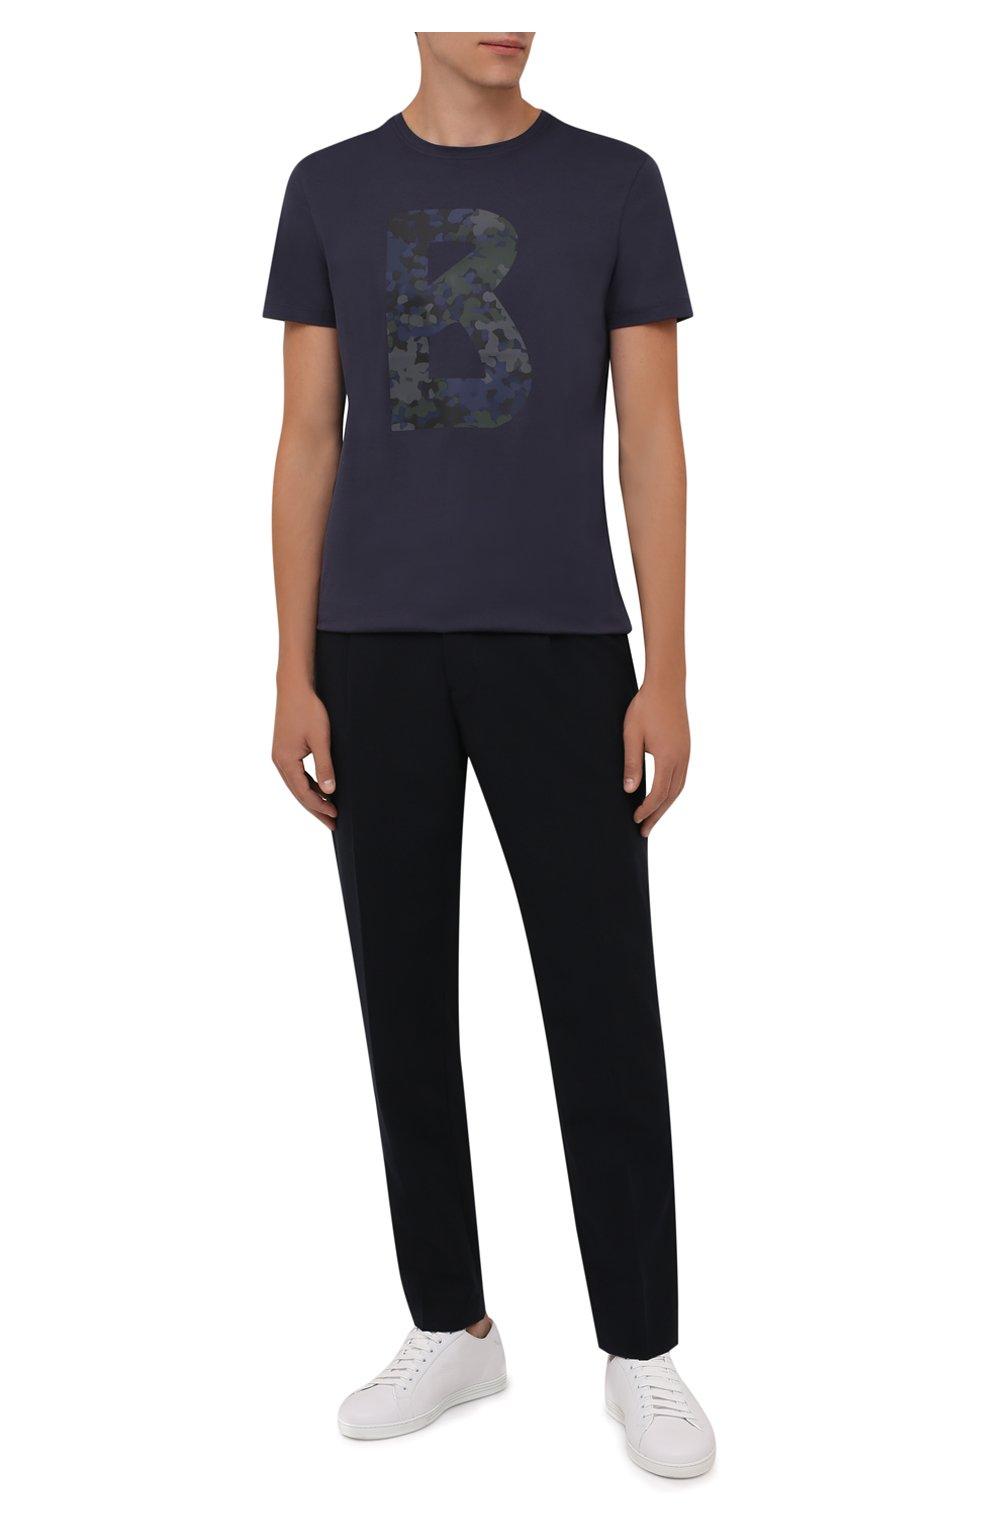 Мужские брюки BOGNER темно-синего цвета, арт. 18483283   Фото 2 (Материал внешний: Шерсть, Синтетический материал; Длина (брюки, джинсы): Стандартные; Случай: Повседневный; Материал подклада: Синтетический материал; Стили: Кэжуэл)